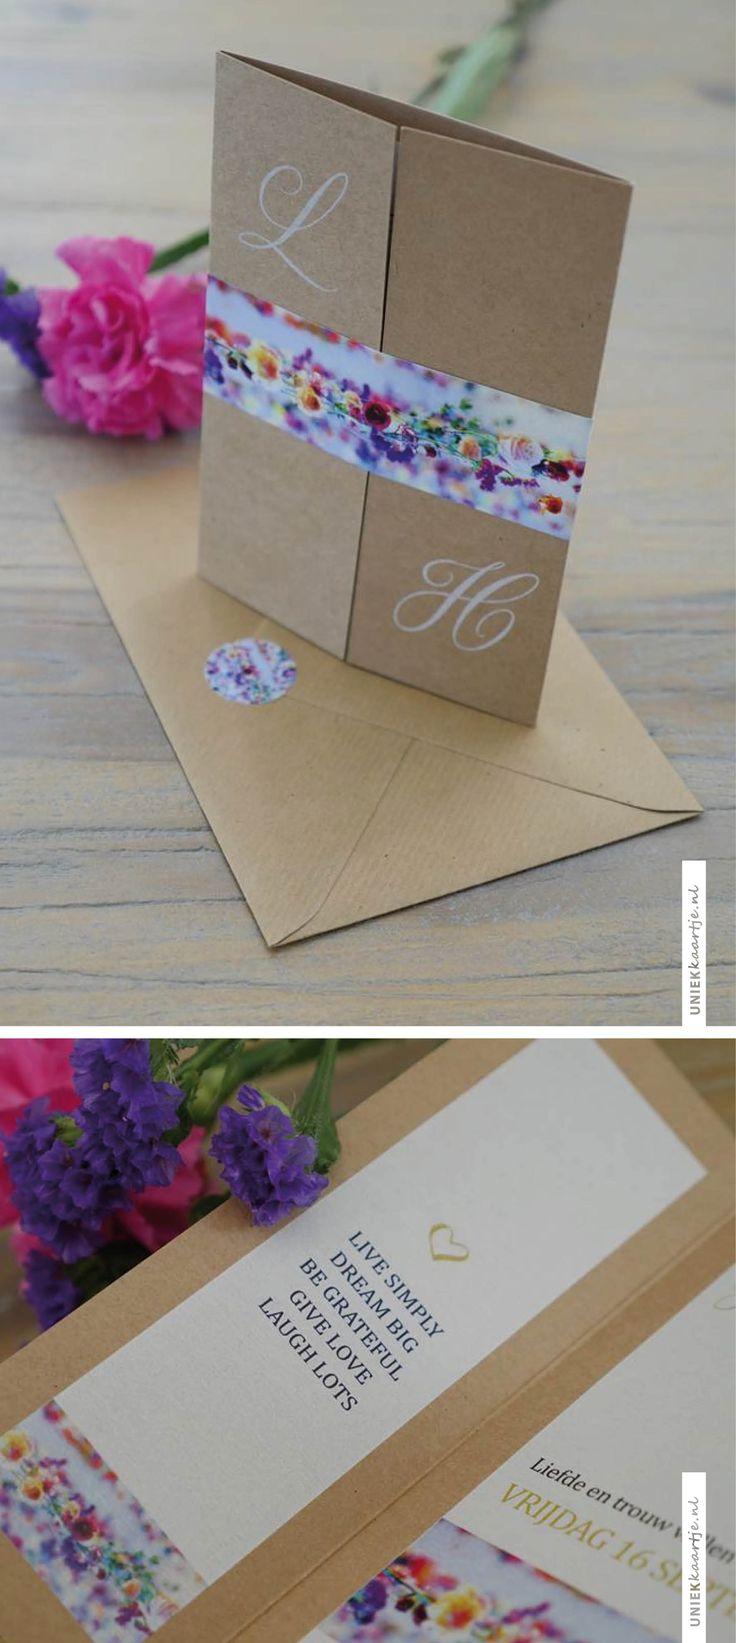 Prachtige kaart van kraft karton, waarbij een label van de fleurige paarse en roze bloemen van haar trouwboeket de kaart een zomers tintje geven | Studio Altena | uniekkaartje.nl